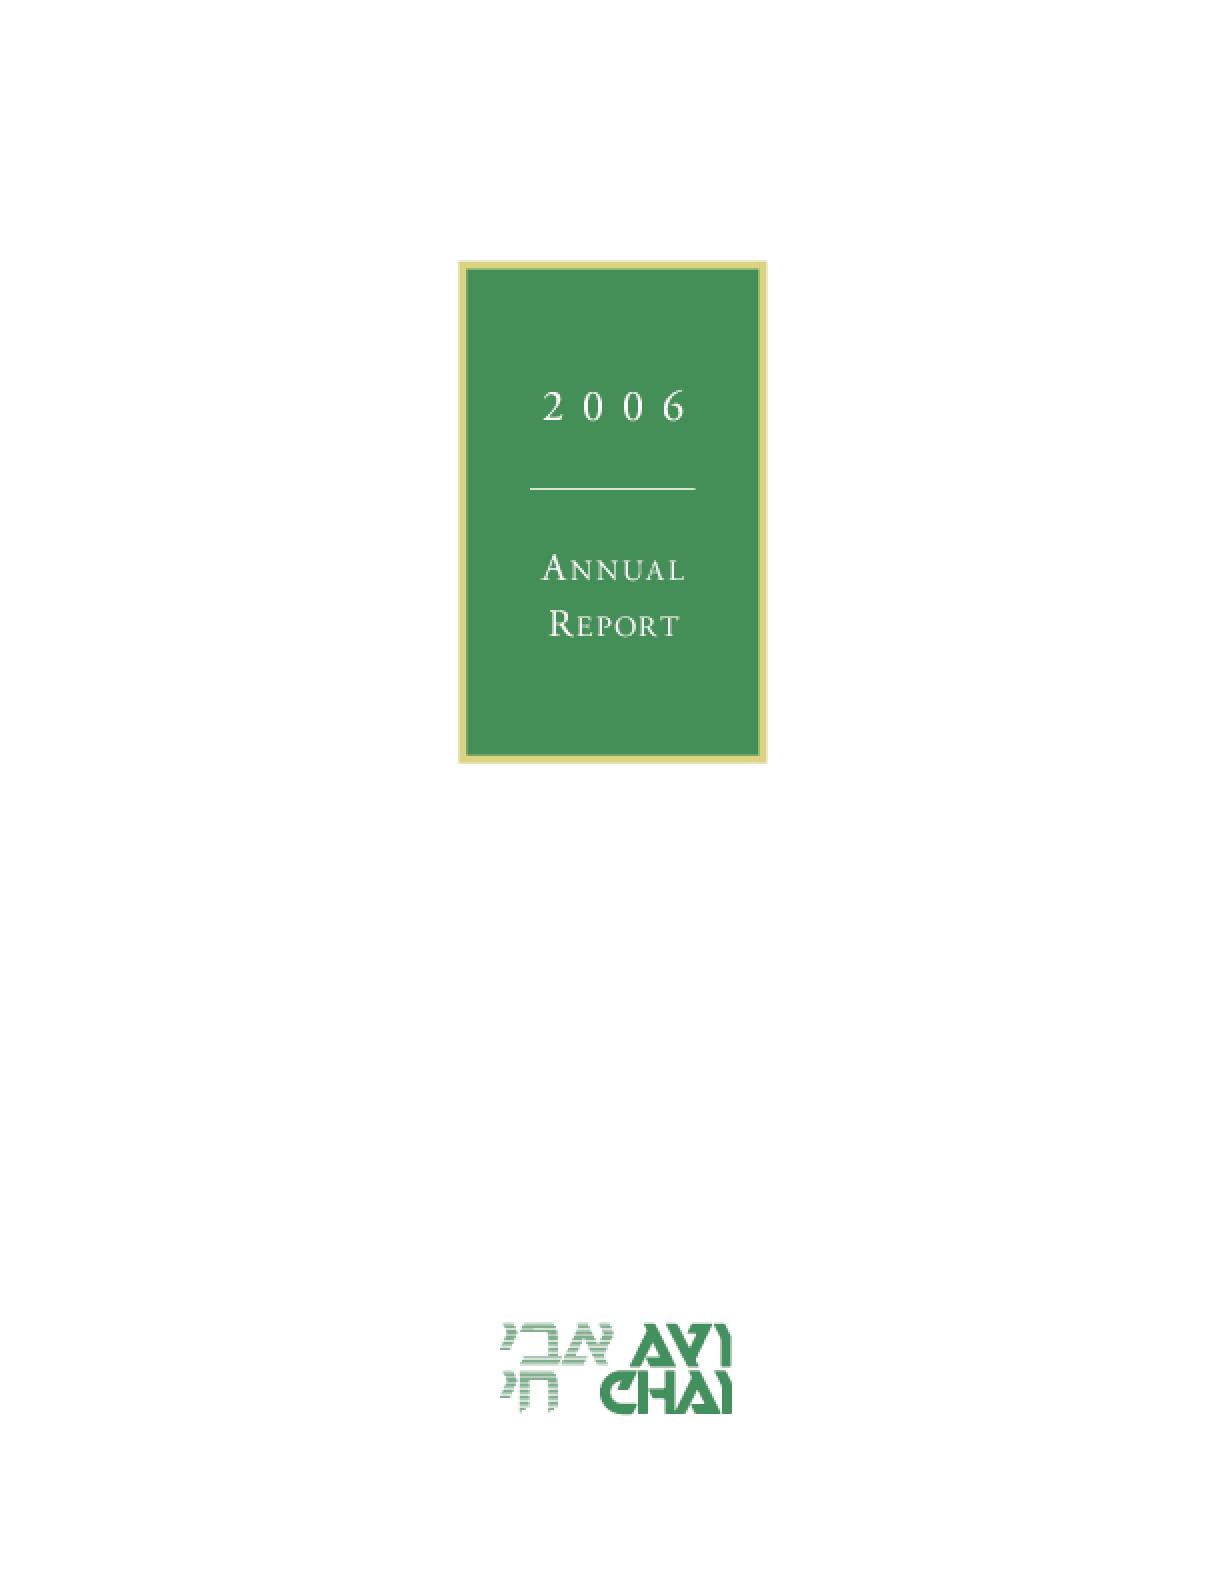 AVI CHAI Foundation - 2006 Annual Report